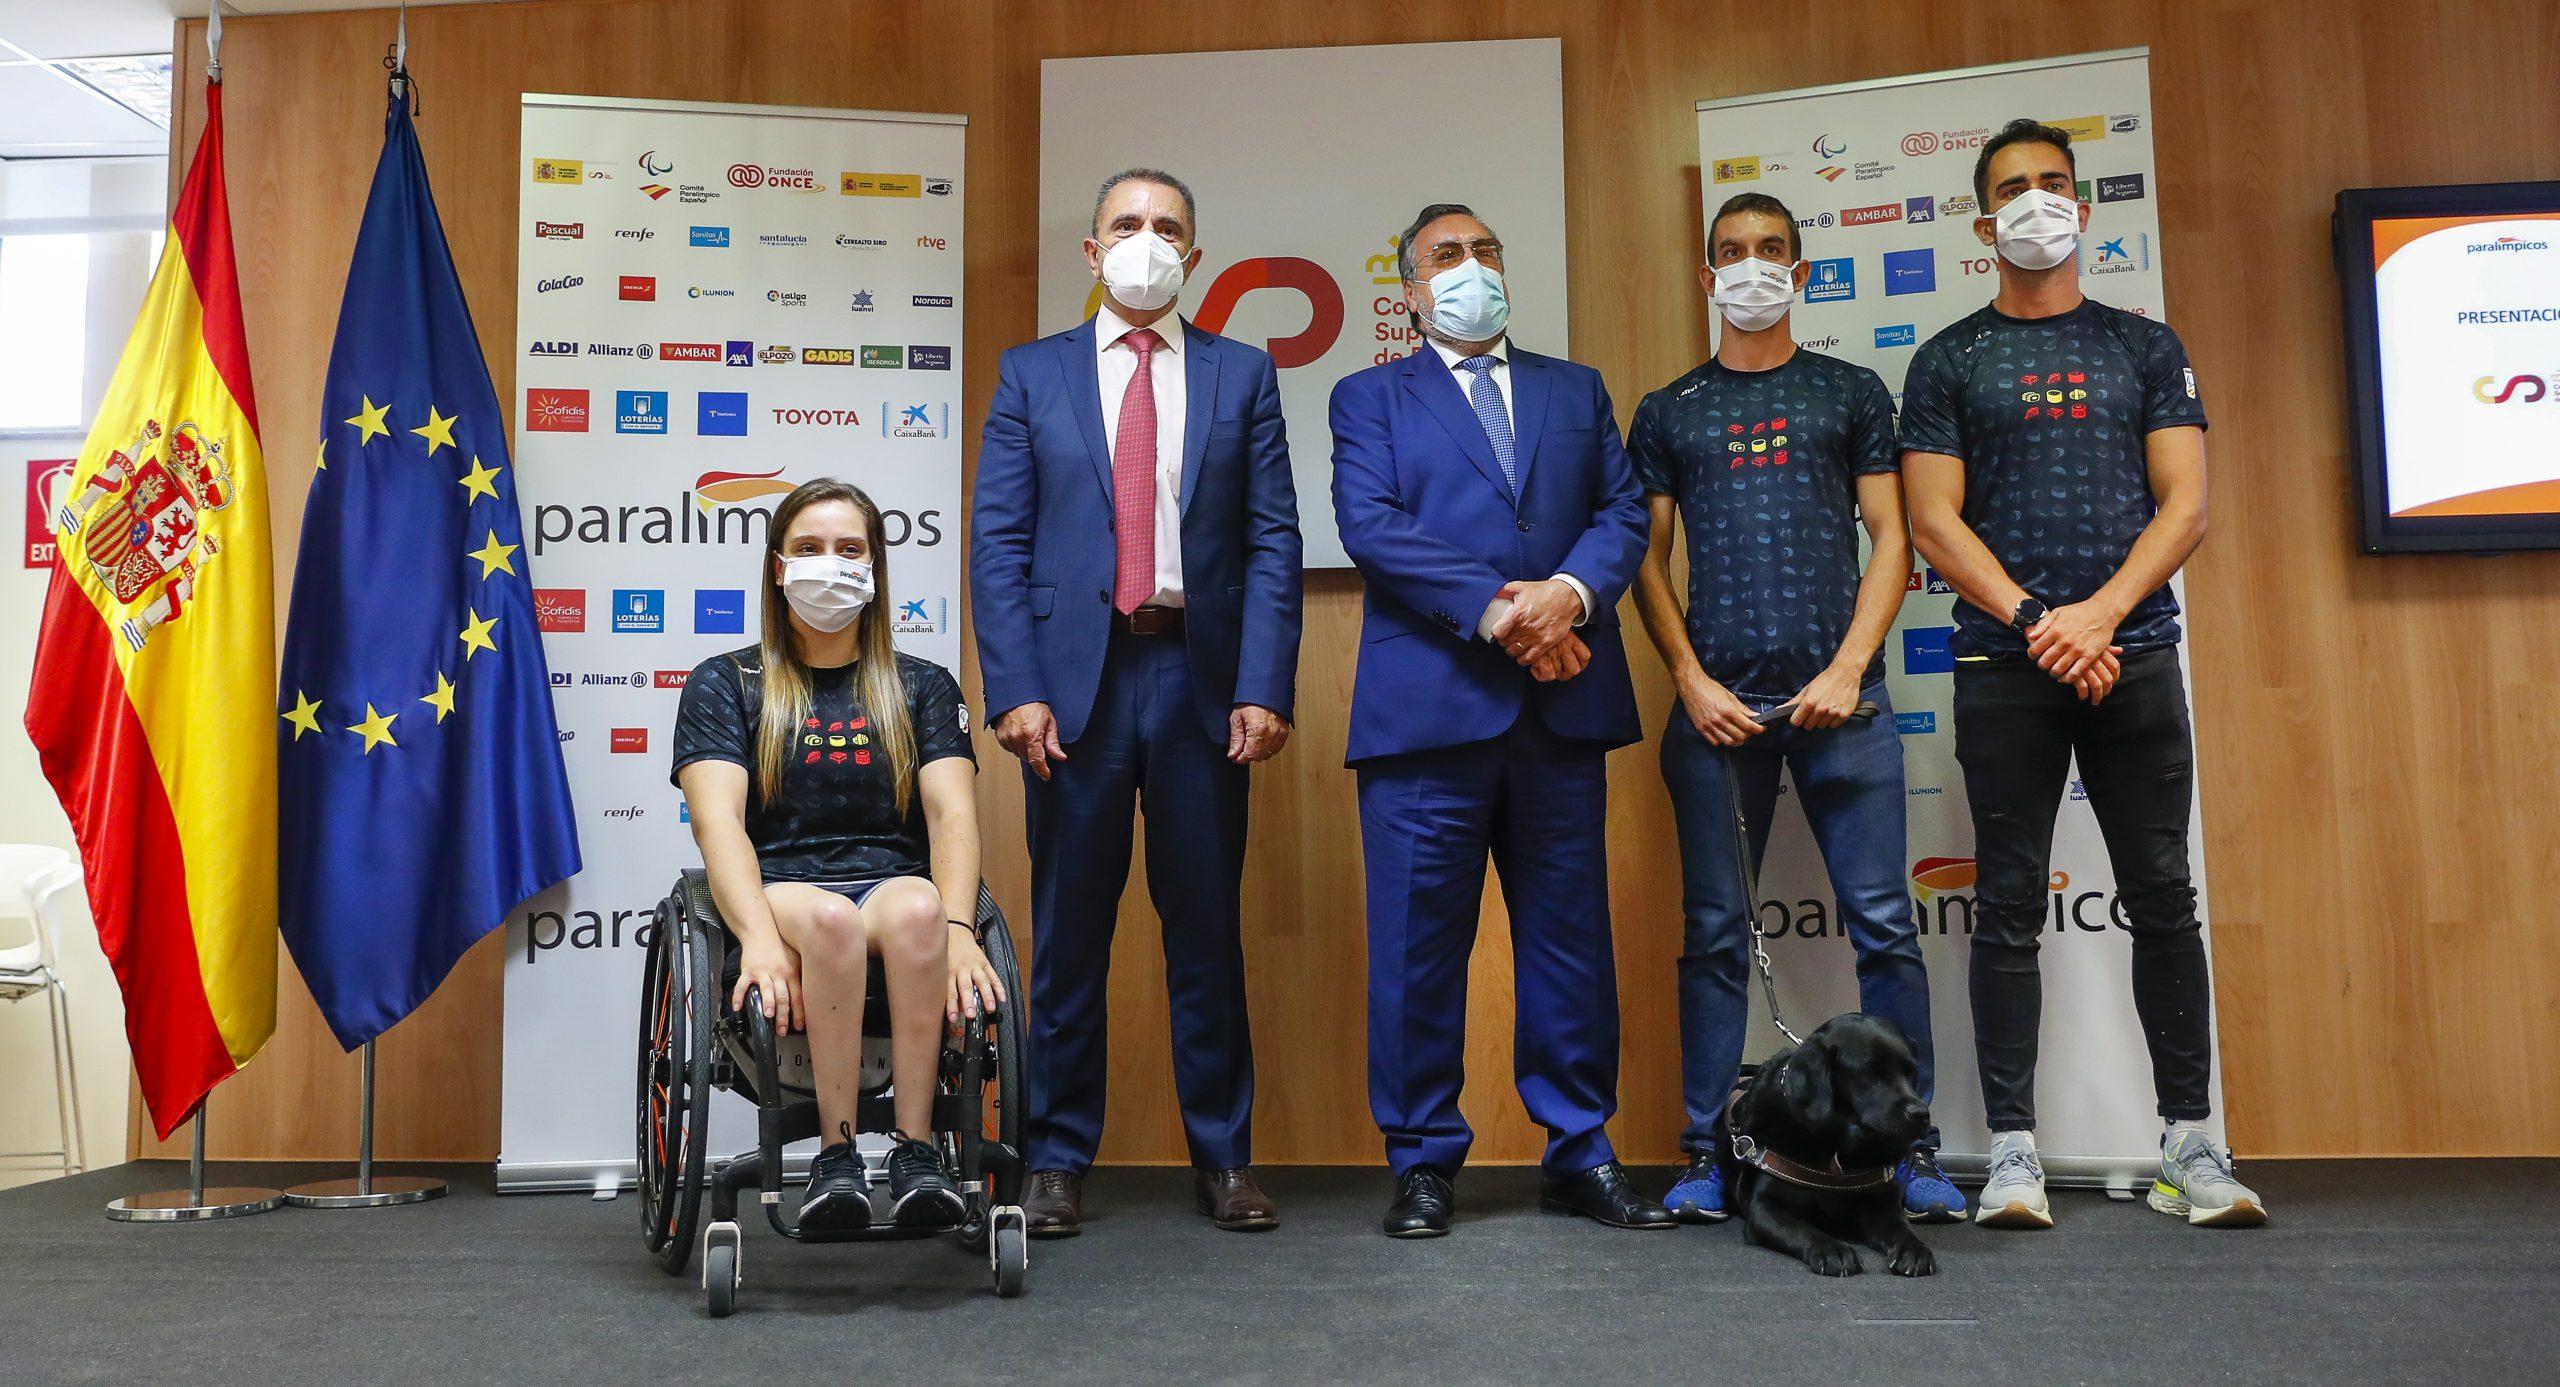 Acto del Equipo Paralímpico Español. Fuente: CPE